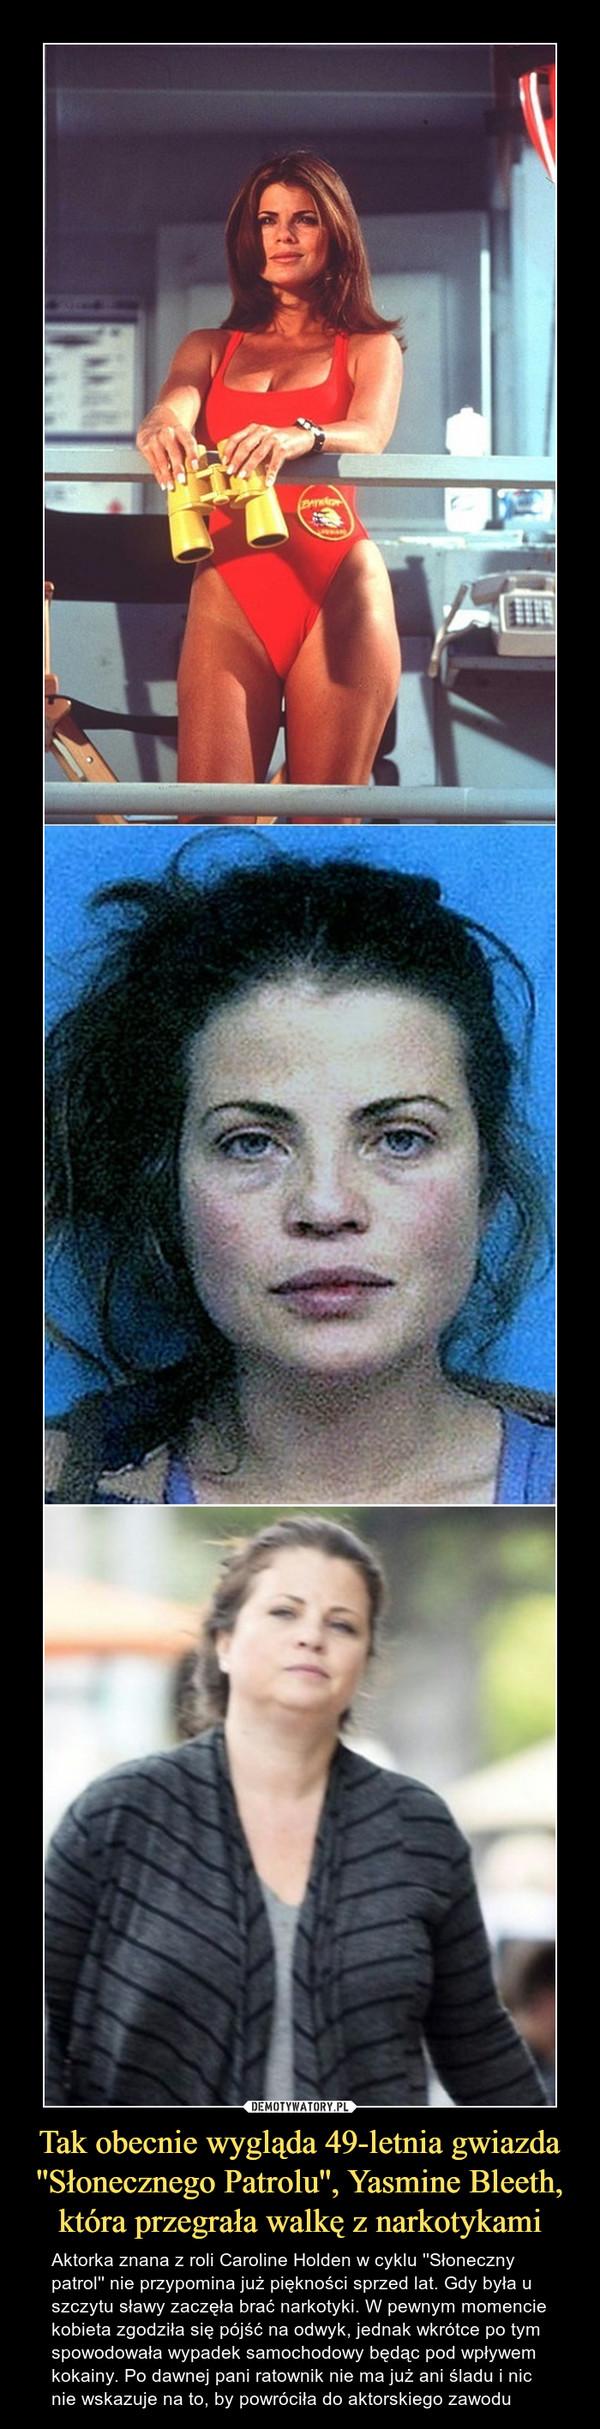 Tak obecnie wygląda 49-letnia gwiazda ''Słonecznego Patrolu'', Yasmine Bleeth, która przegrała walkę z narkotykami – Aktorka znana z roli Caroline Holden w cyklu ''Słoneczny patrol'' nie przypomina już piękności sprzed lat. Gdy była u szczytu sławy zaczęła brać narkotyki. W pewnym momencie kobieta zgodziła się pójść na odwyk, jednak wkrótce po tym spowodowała wypadek samochodowy będąc pod wpływem kokainy. Po dawnej pani ratownik nie ma już ani śladu i nic nie wskazuje na to, by powróciła do aktorskiego zawodu